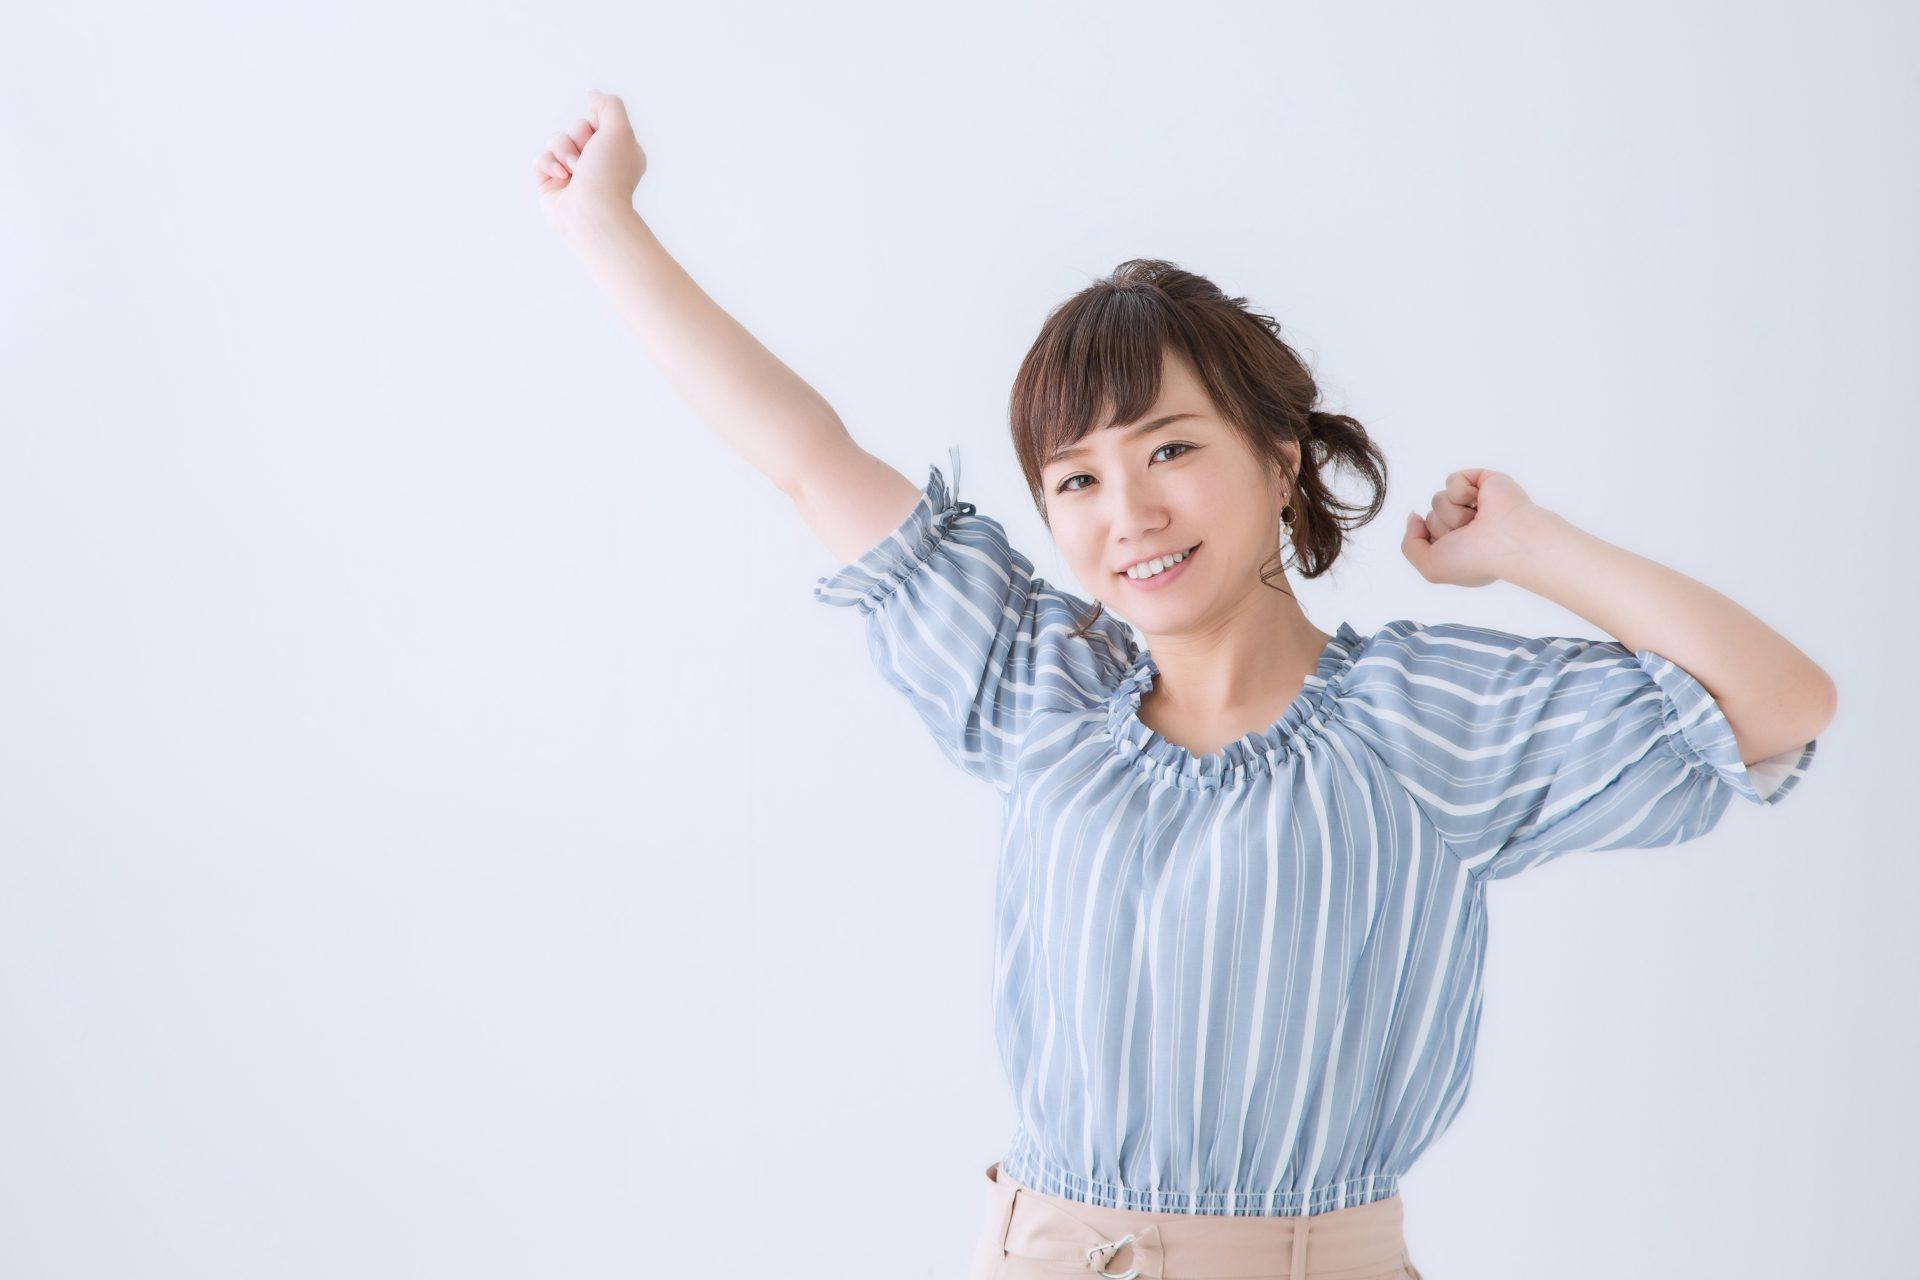 """【全館空調システム""""Mirai""""③】気密性+全館空調で、家の「空気の質」を飛躍的に高くする"""